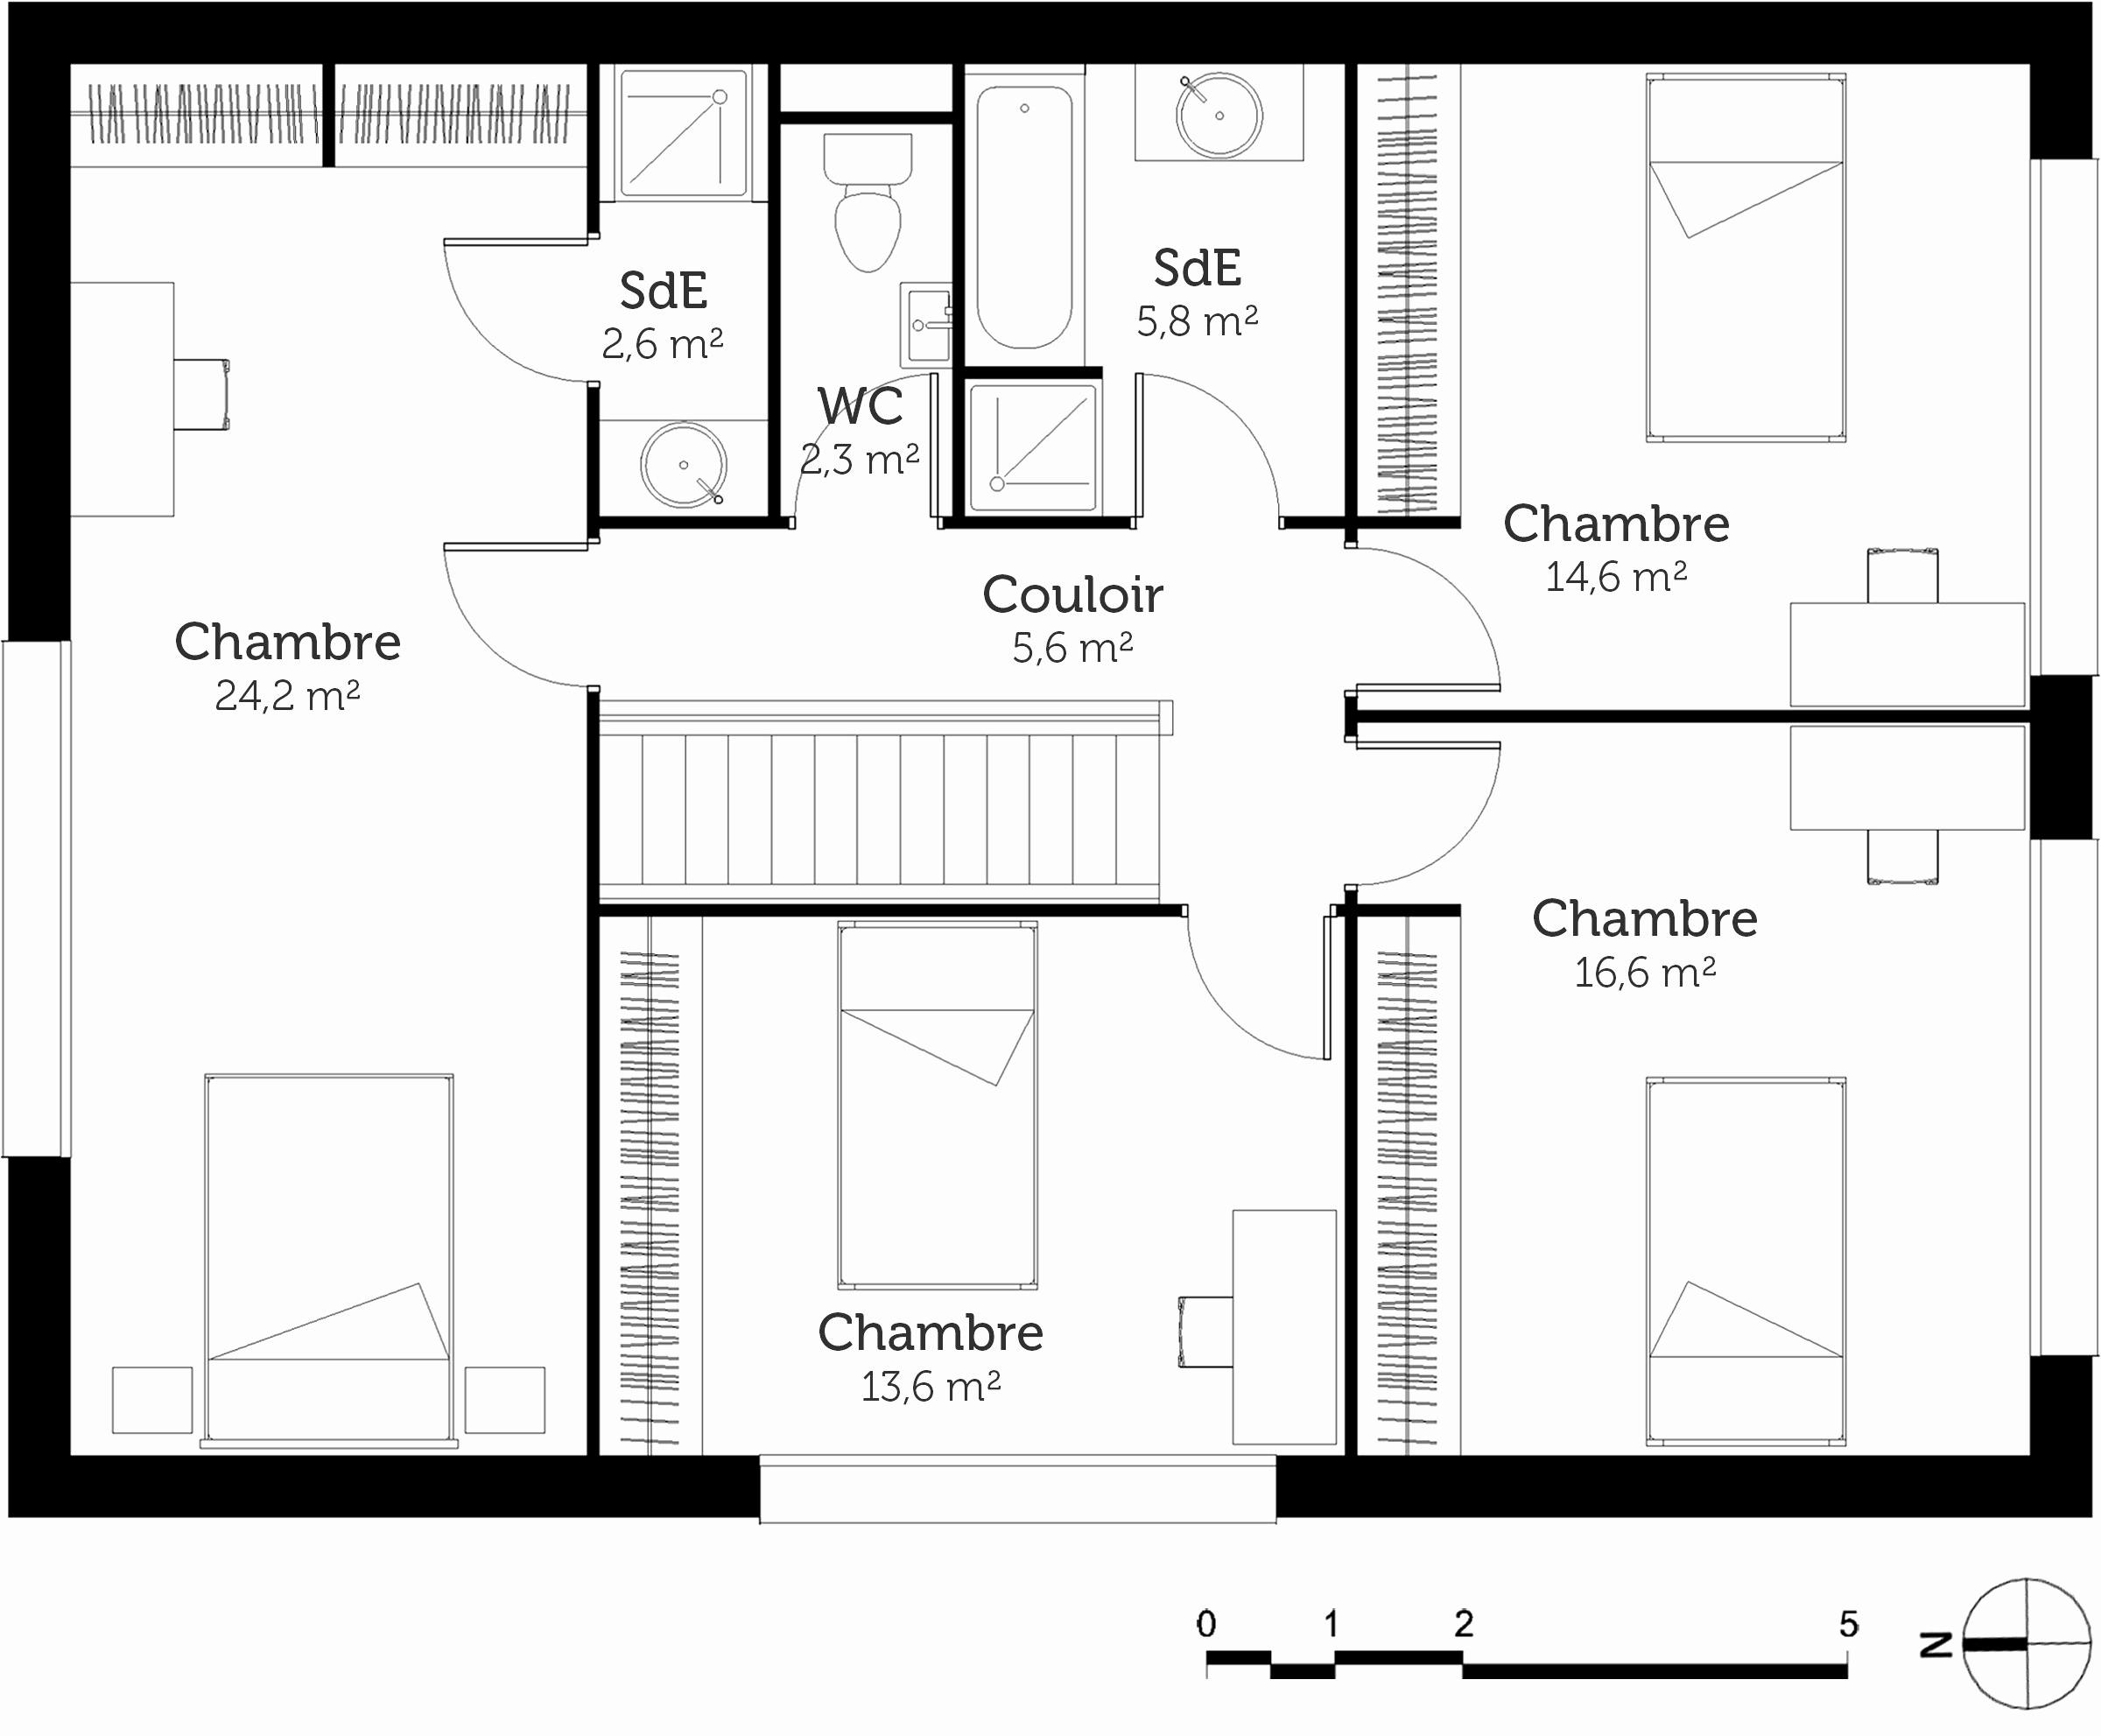 Plan Chambre Avec Dressing Unique Images Chambre Avec Dressing Plan Plan Chambre Salle De Bain Plan Salle De